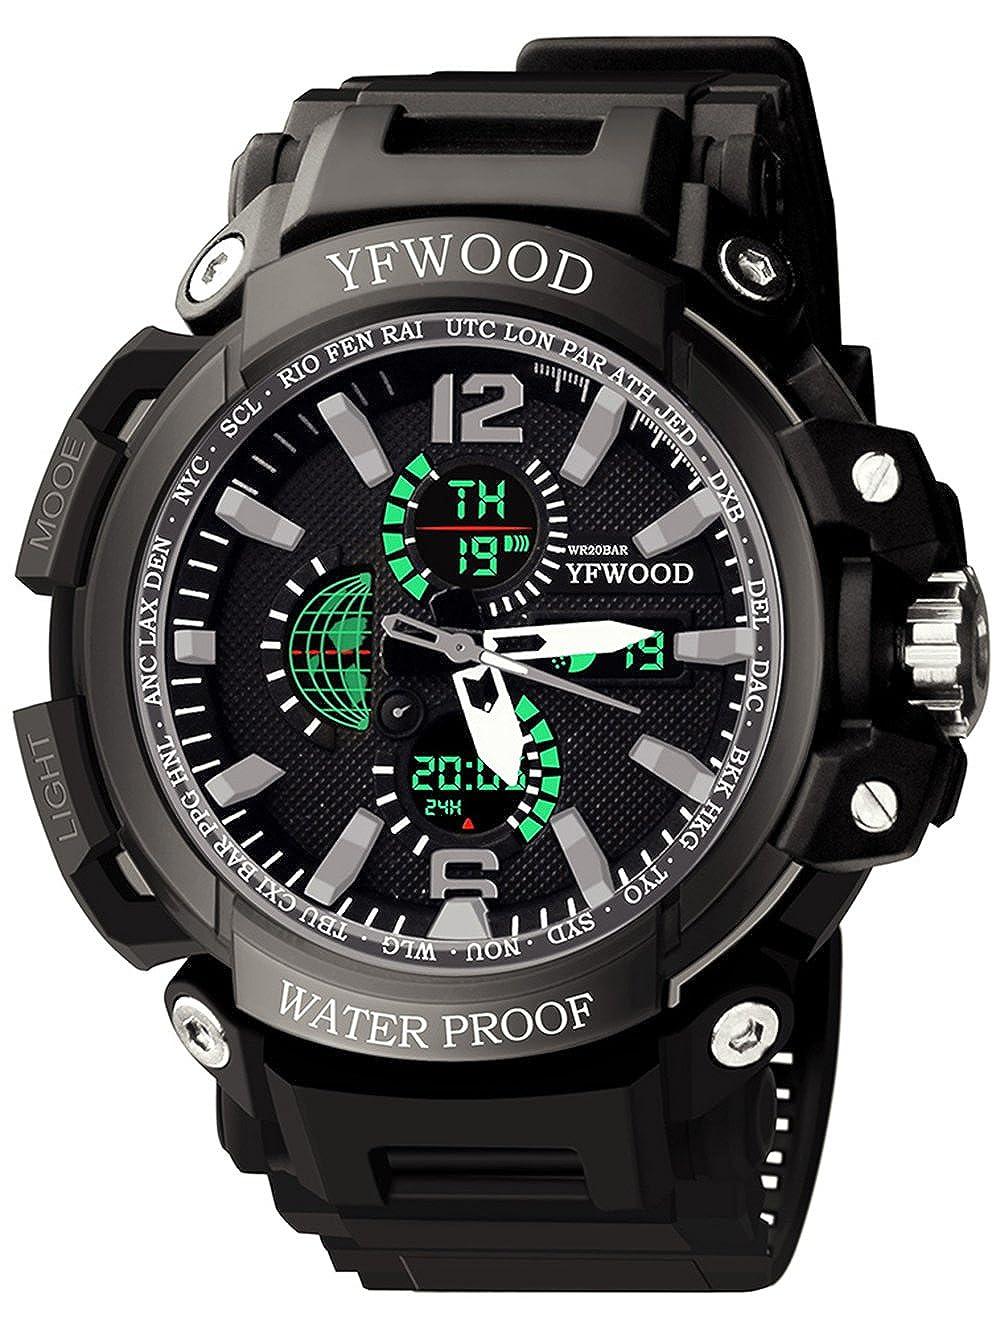 YFWWOOD Reloj de pulsera para hombre, resistente al agua, movimiento japonés, digital, para exteriores, multifuncional, con movimiento impermeable, correa ...